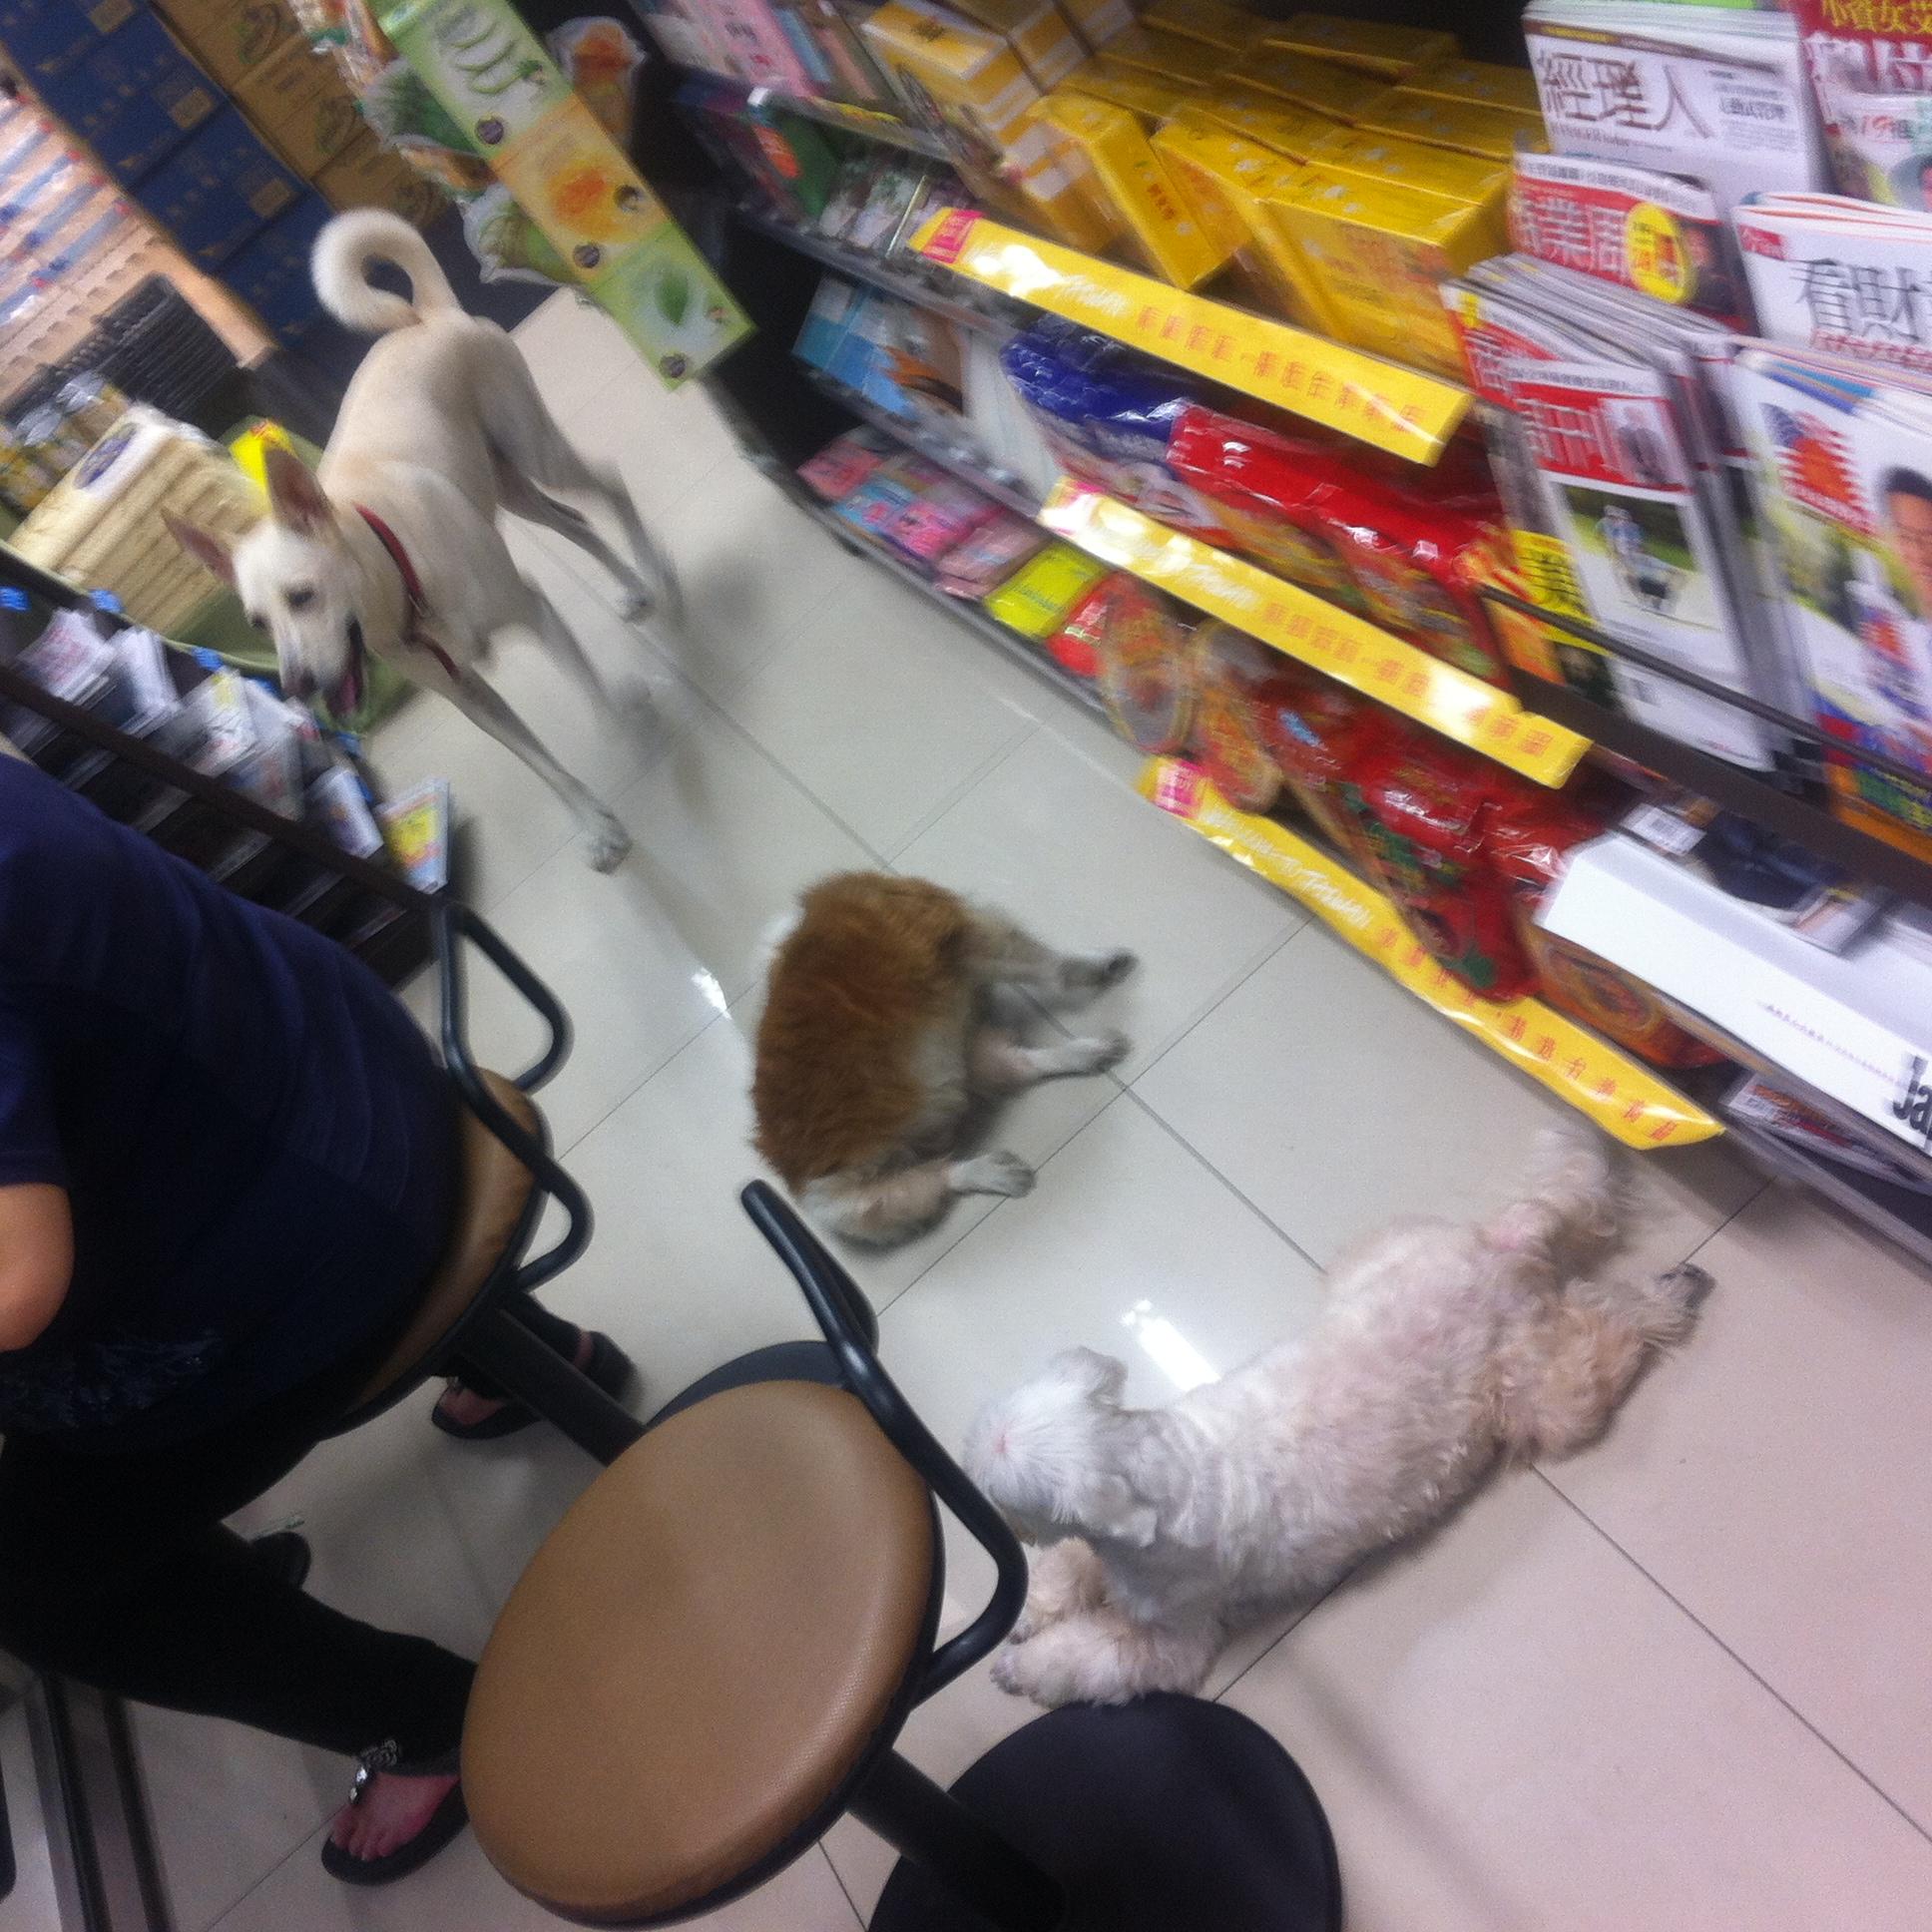 【生活】台湾のコンビニには普通に犬が入ってくる!